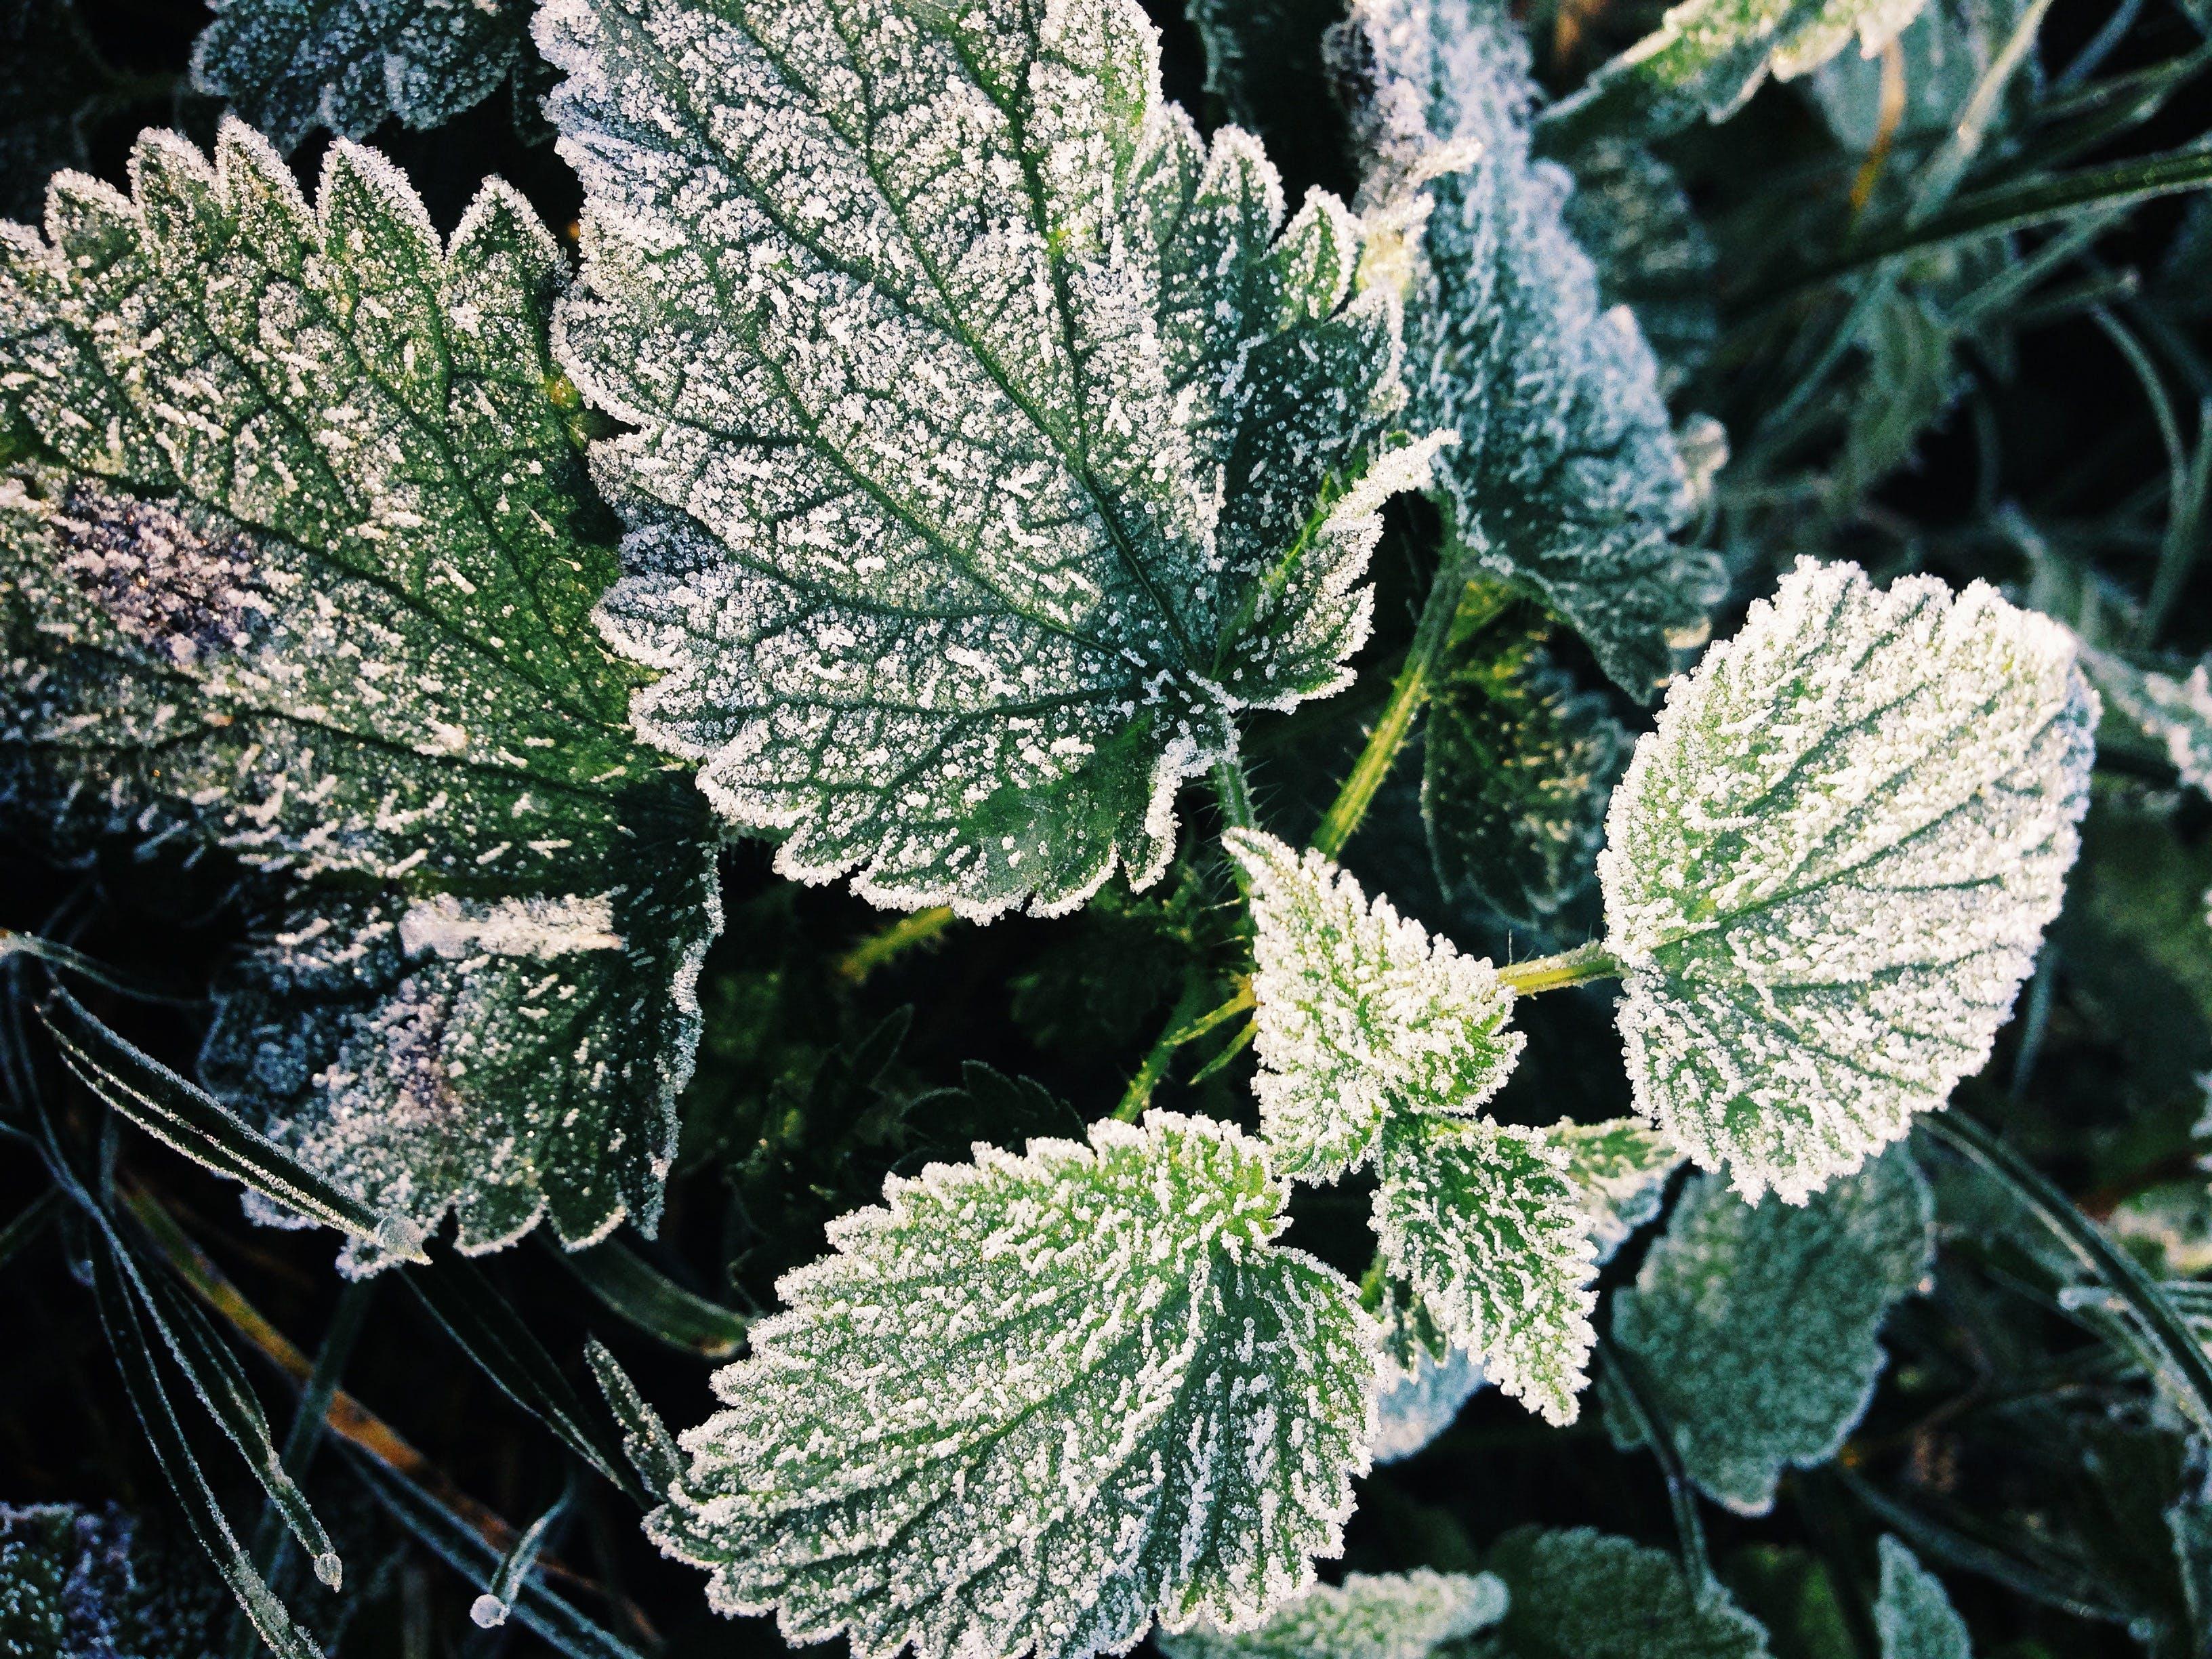 색깔, 식물군, 식물의, 신선의 무료 스톡 사진